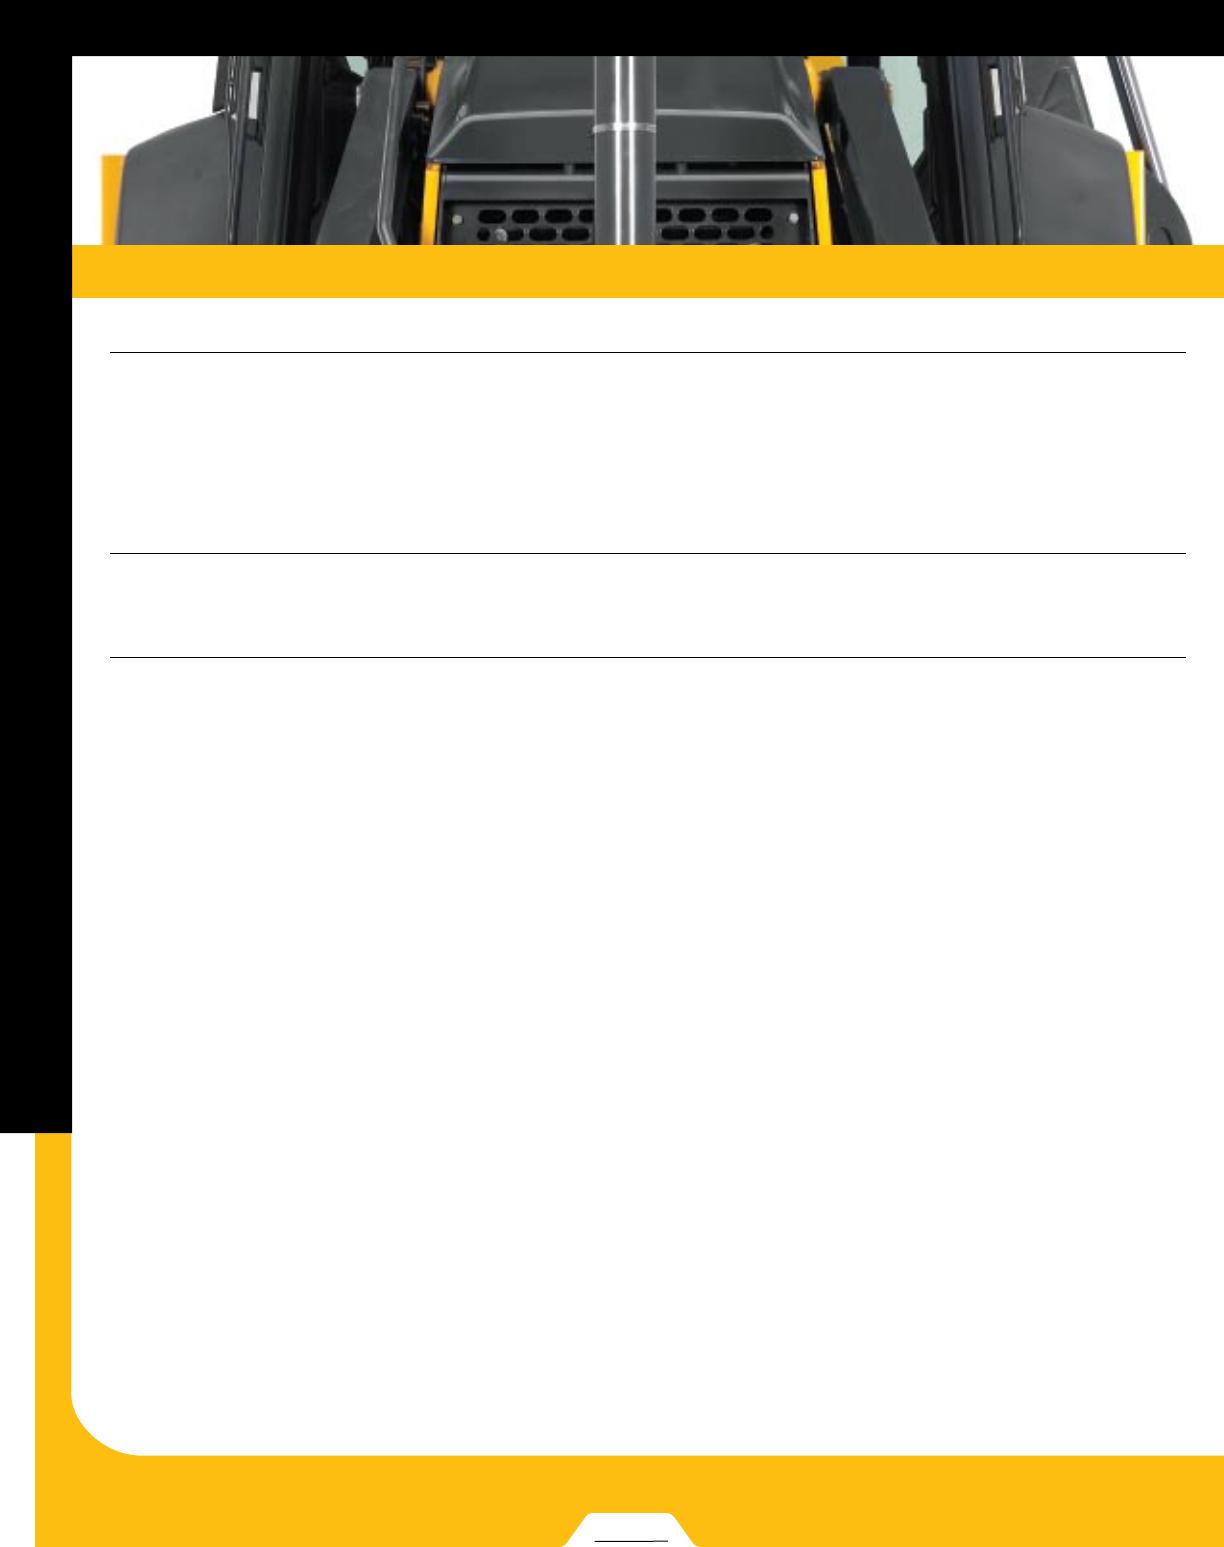 John Deere 315Sj Users Manual